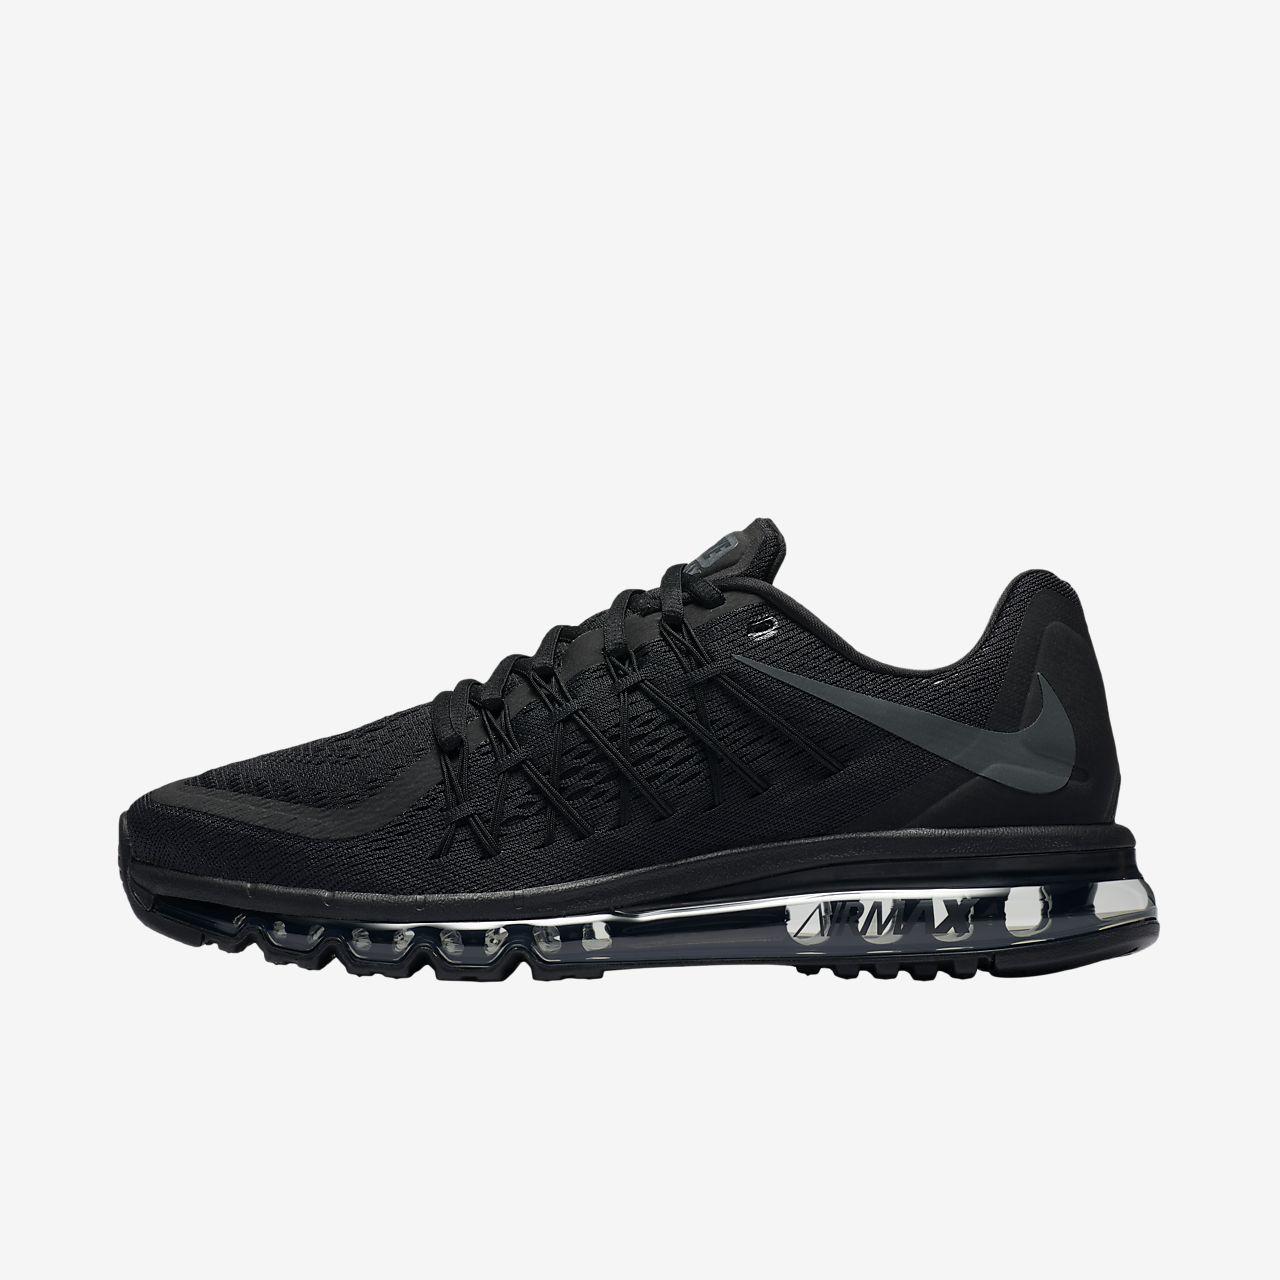 a904fe63a62 Nike Air Max 2015 Zapatillas - Hombre. Nike.com ES